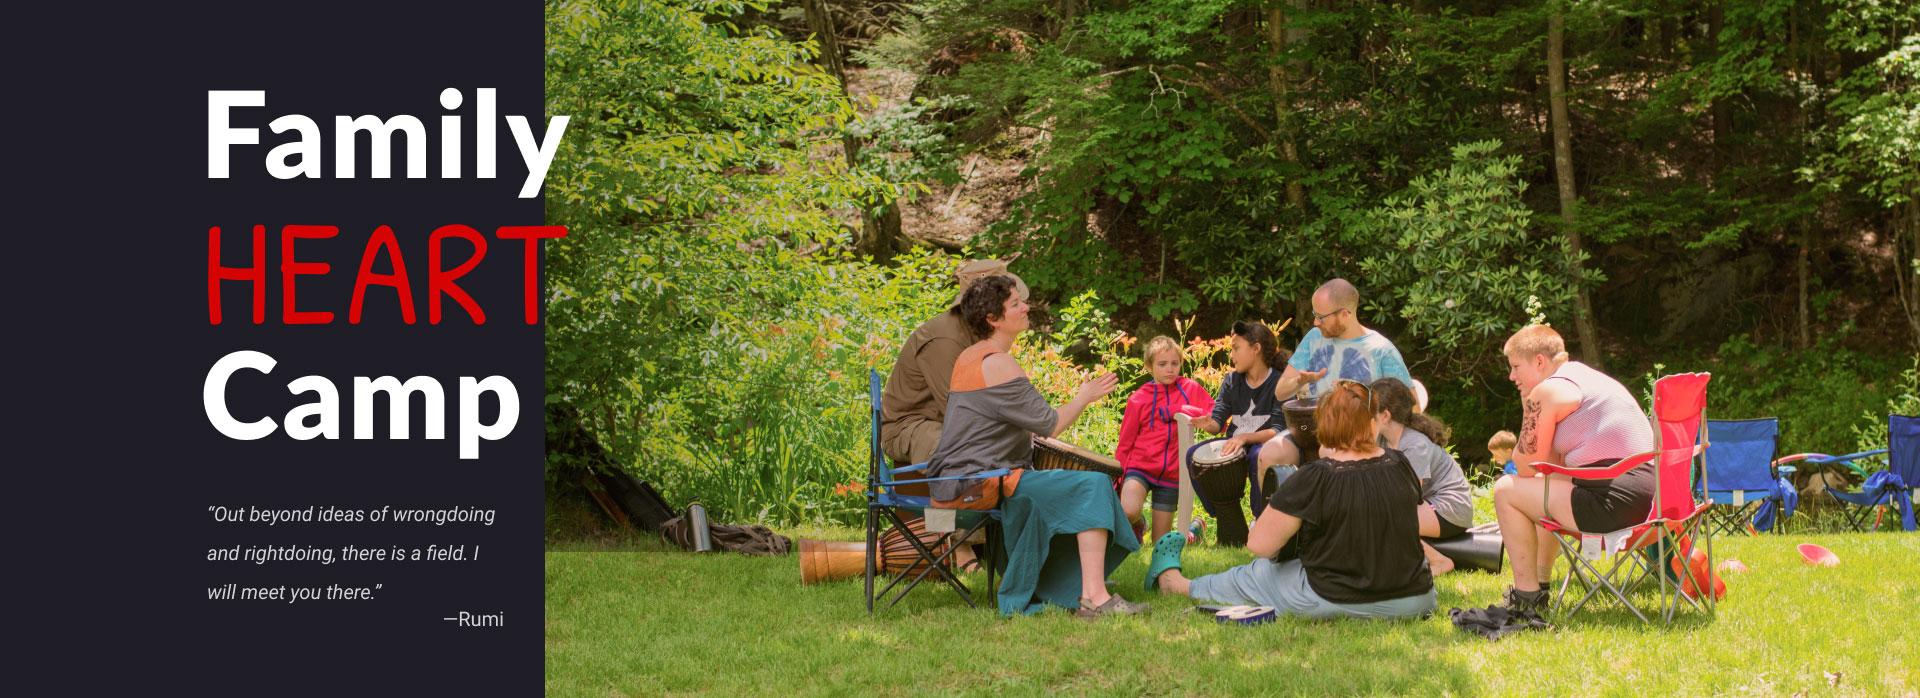 family-heart-camp-banner-2.jpg